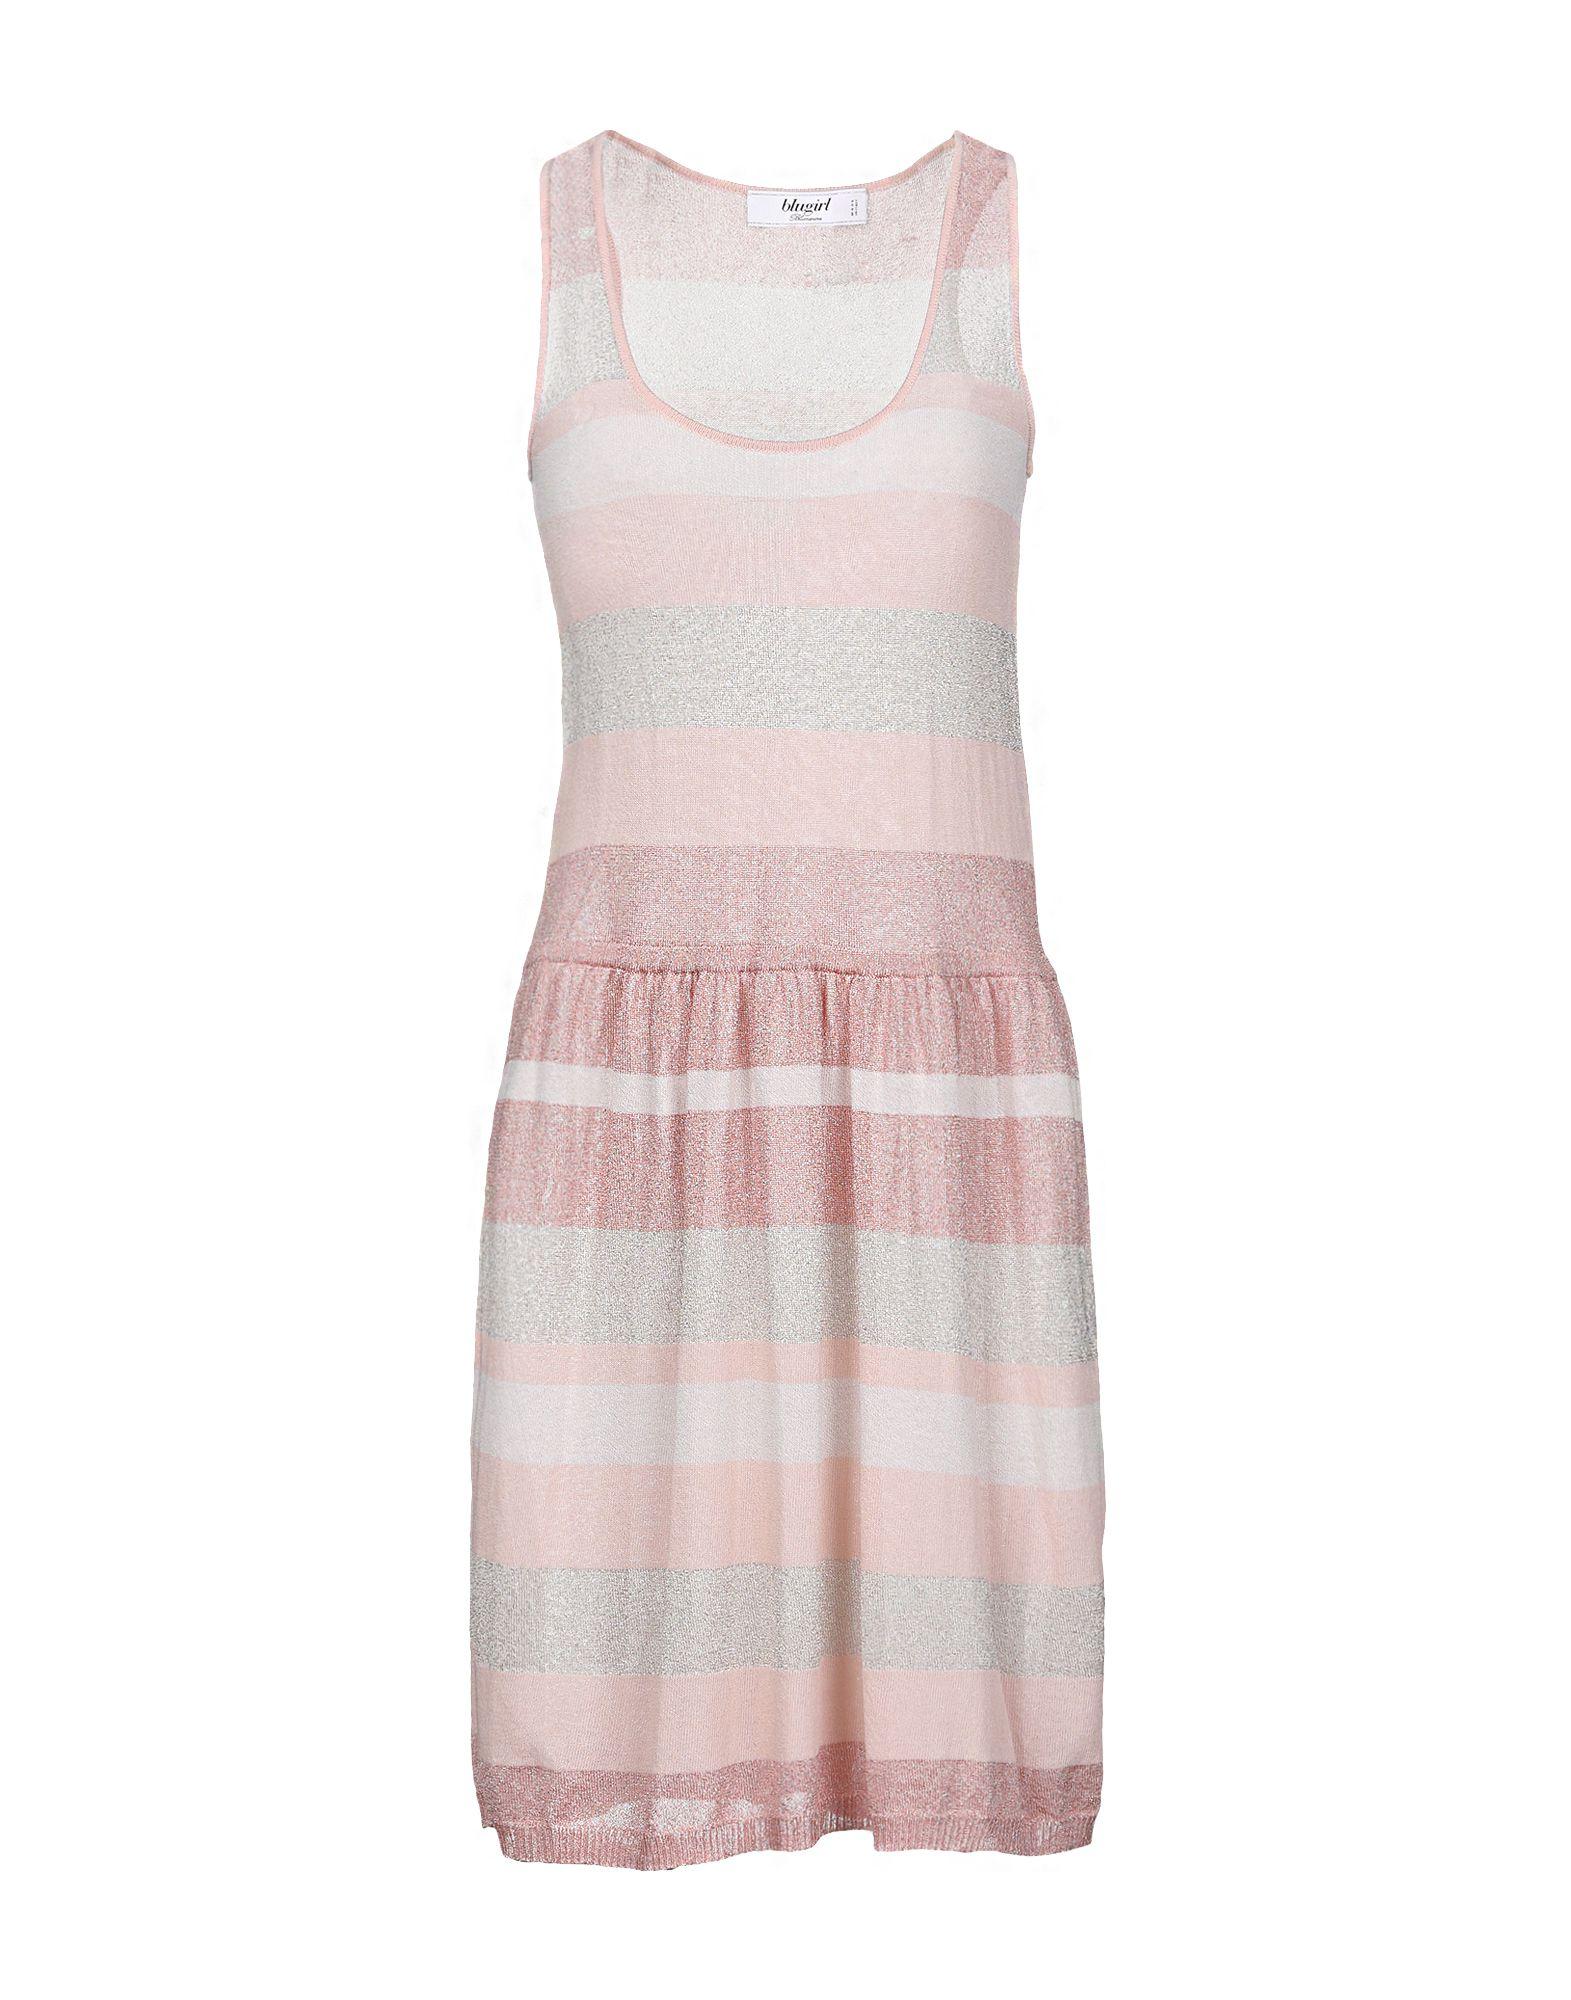 BLUGIRL BLUMARINE Короткое платье летом 2015 новый суд европы печати тонкая талия ретро платье без рукавов жилет юбка в конце детей